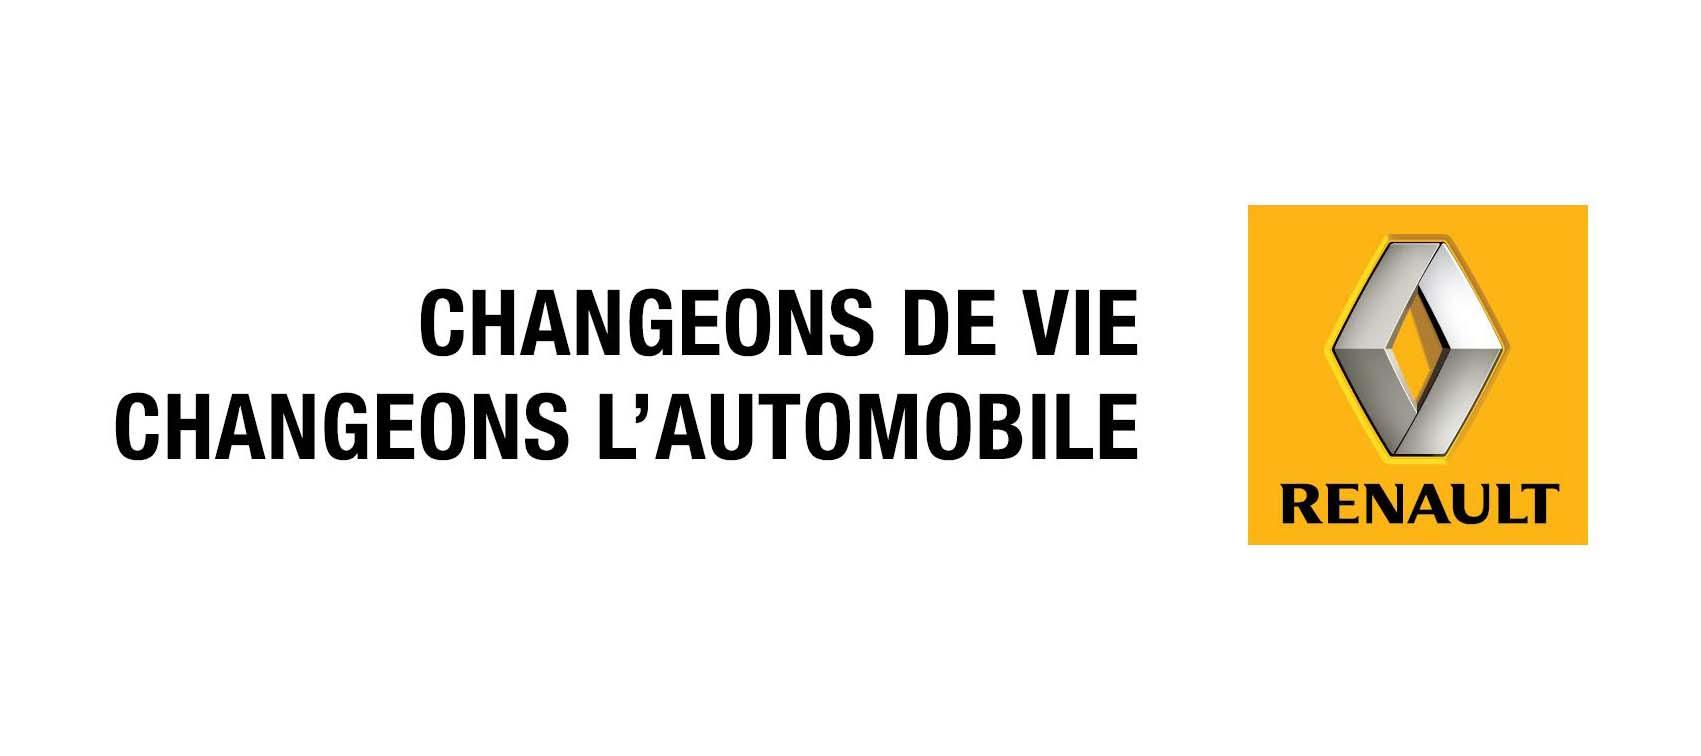 Signature Renault